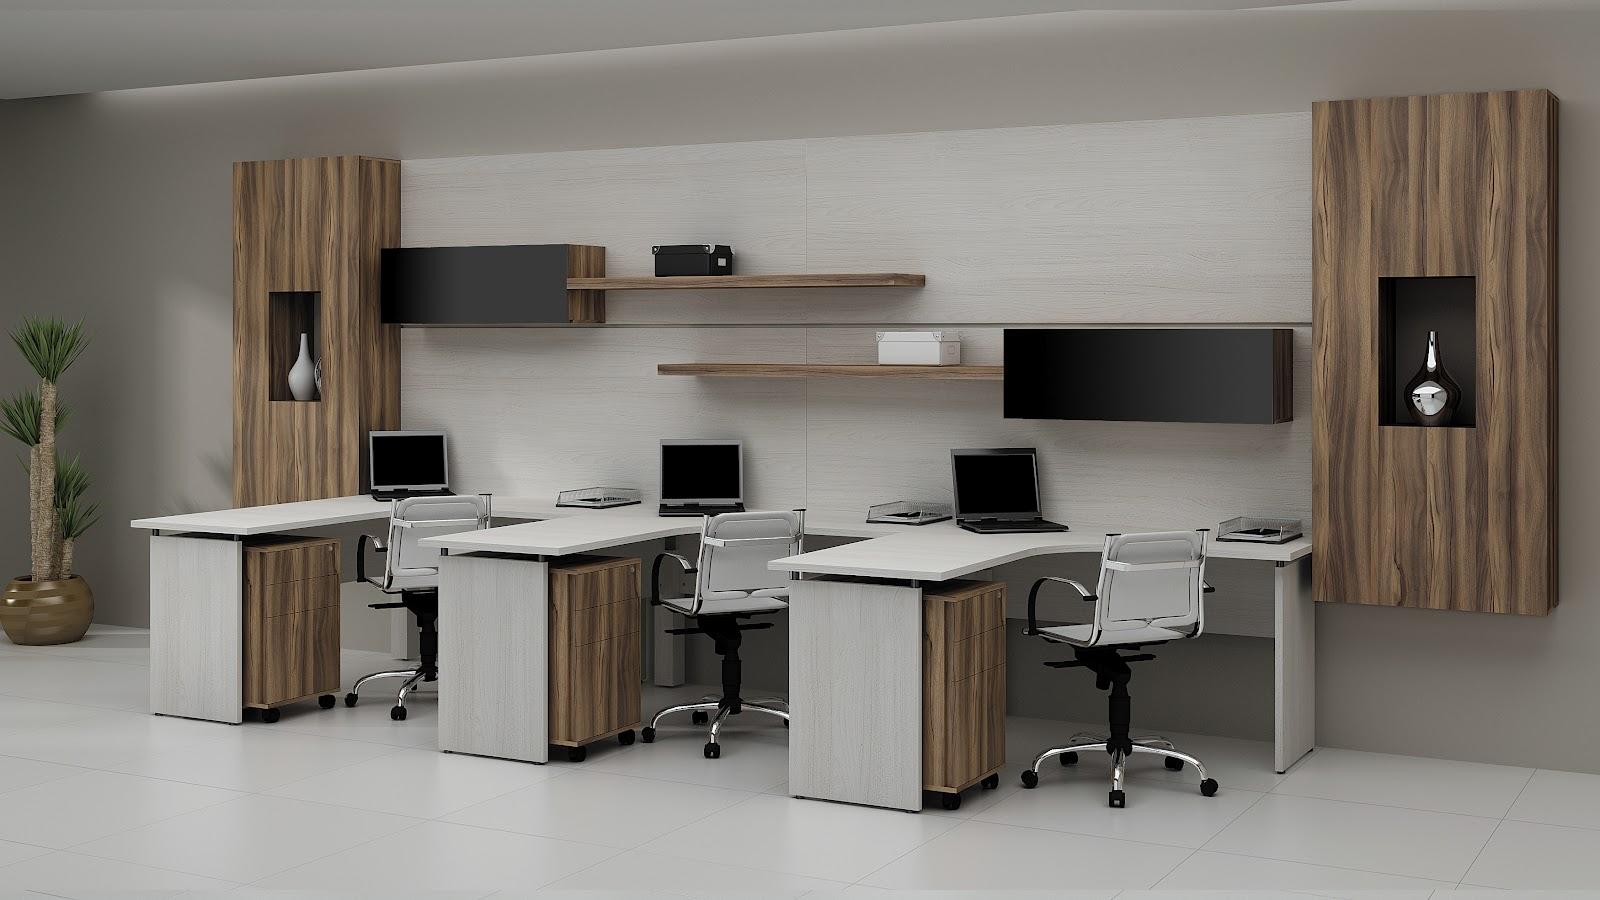 Móveis para escritório – Móveis Planejados